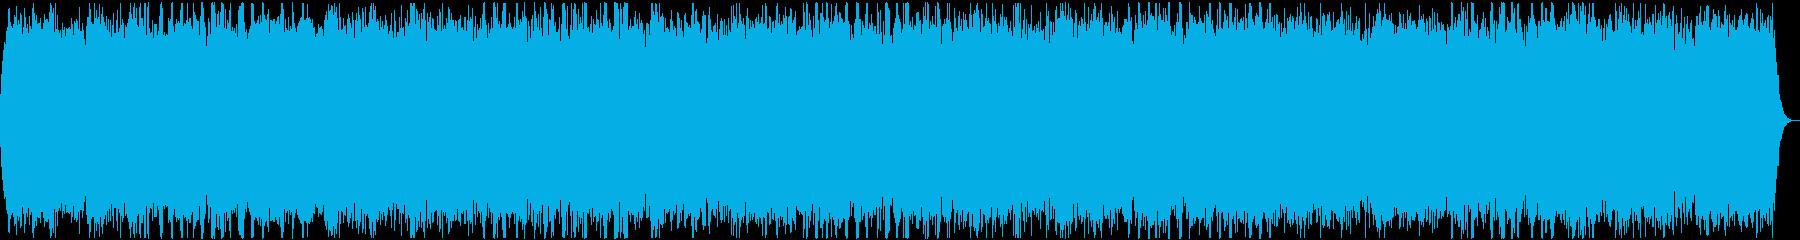 ヒーリング・スパ・リラクゼーションの再生済みの波形